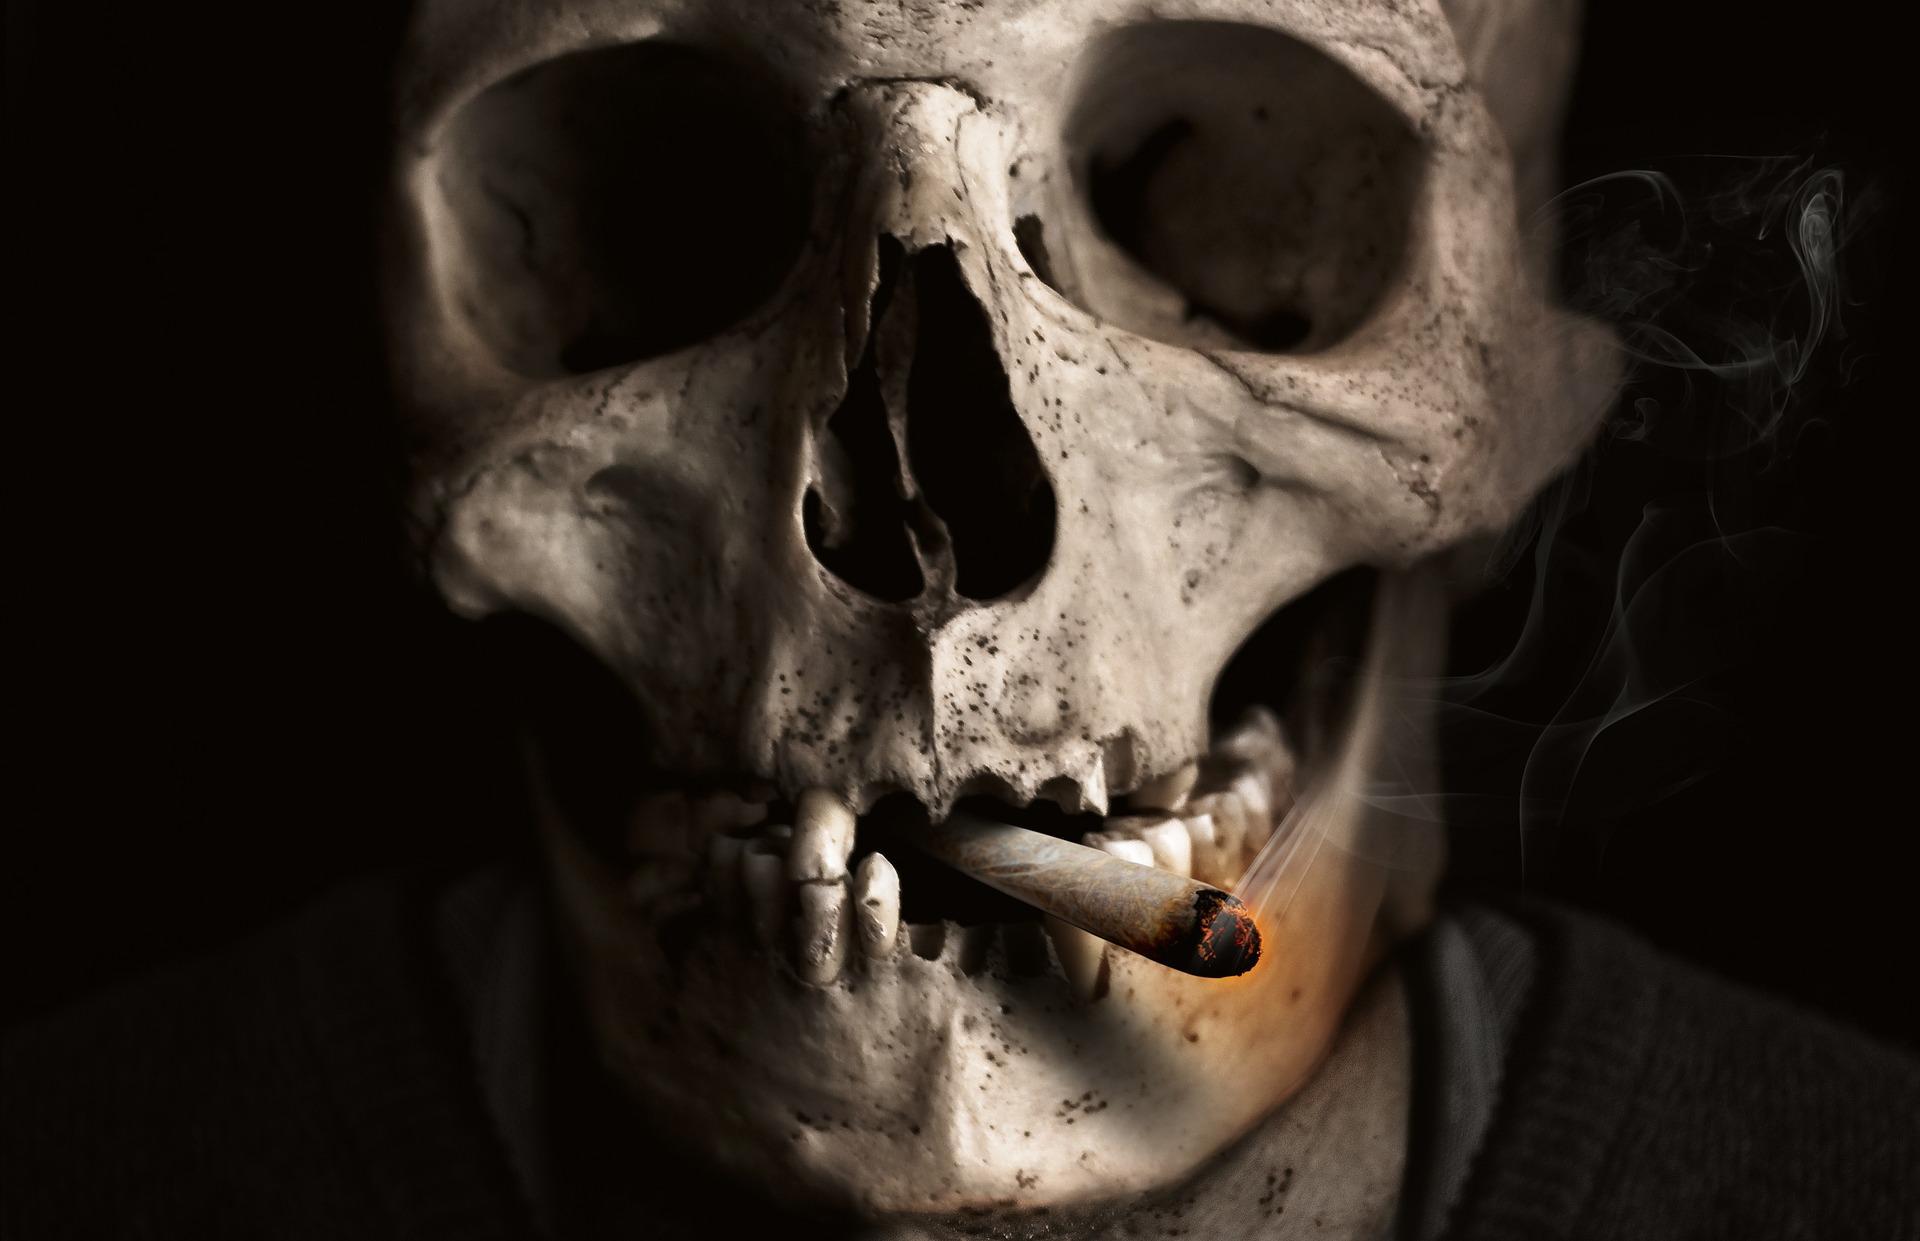 skull and crossbones 1418827 1920 - Les Rituels du Fameux Ordre des Tanches de l'Occulte